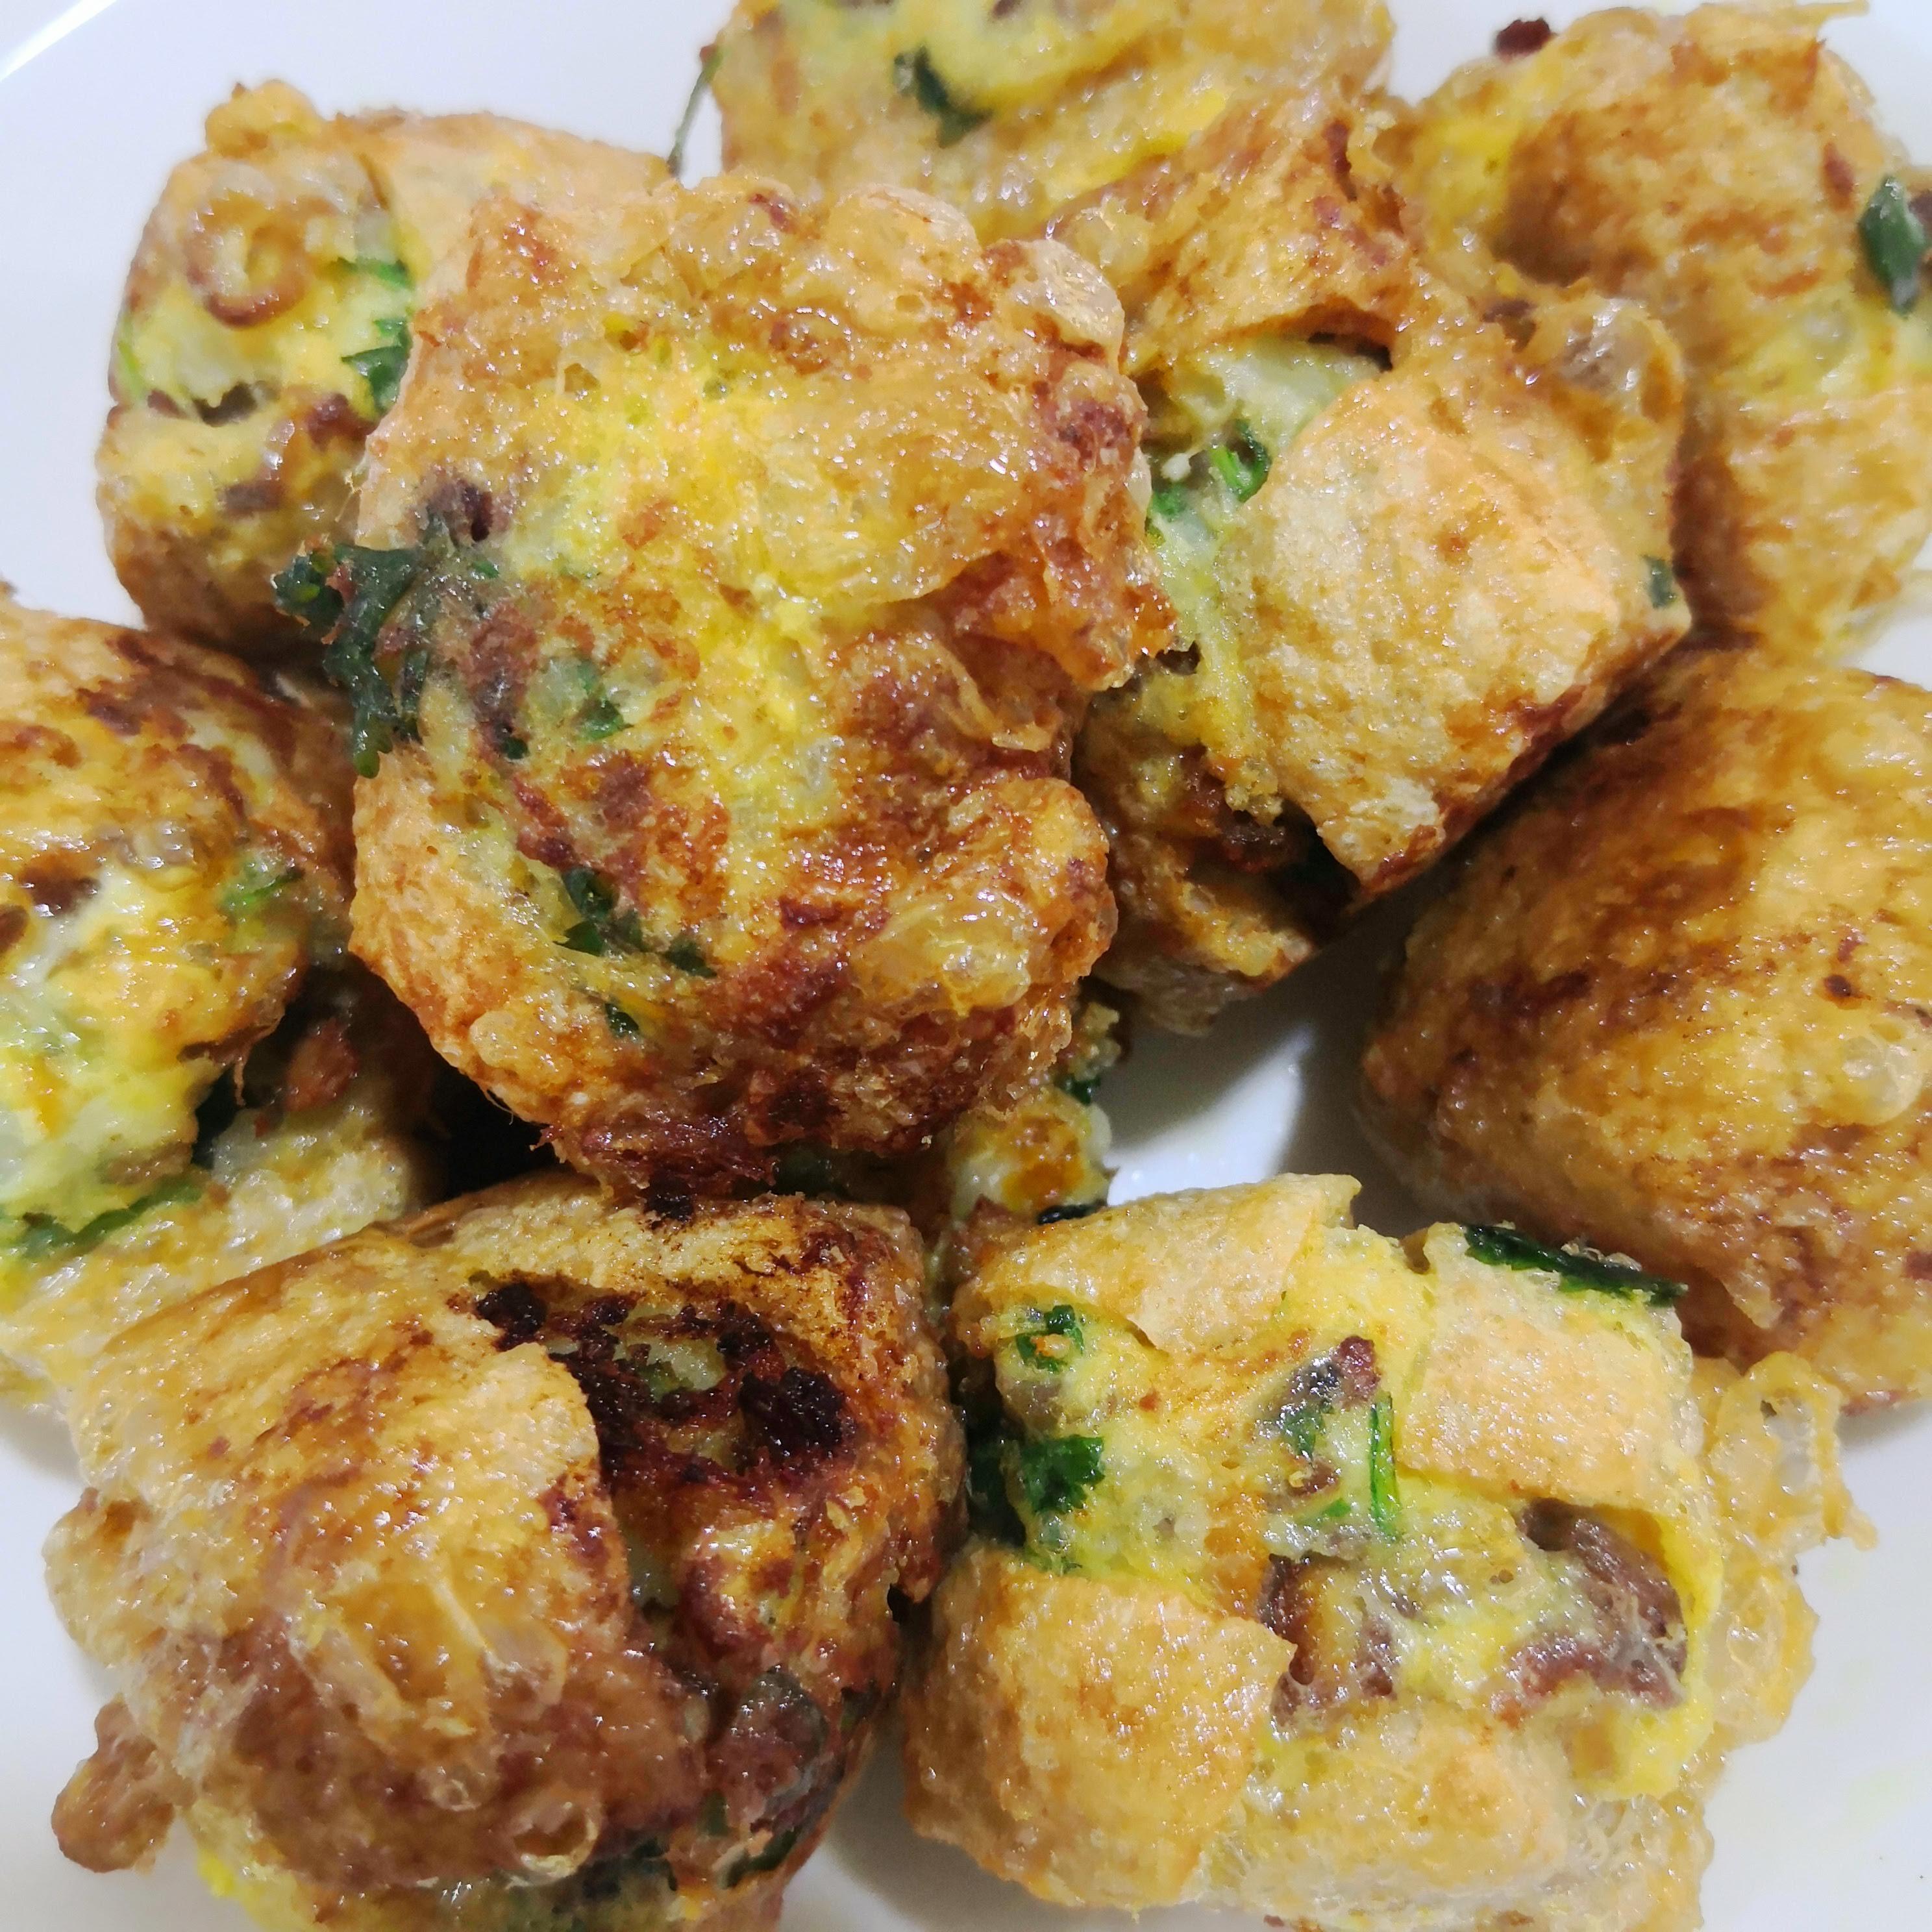 Tauhu Bergedil Resepi Senang & Ini Versi Vegetarian Punya